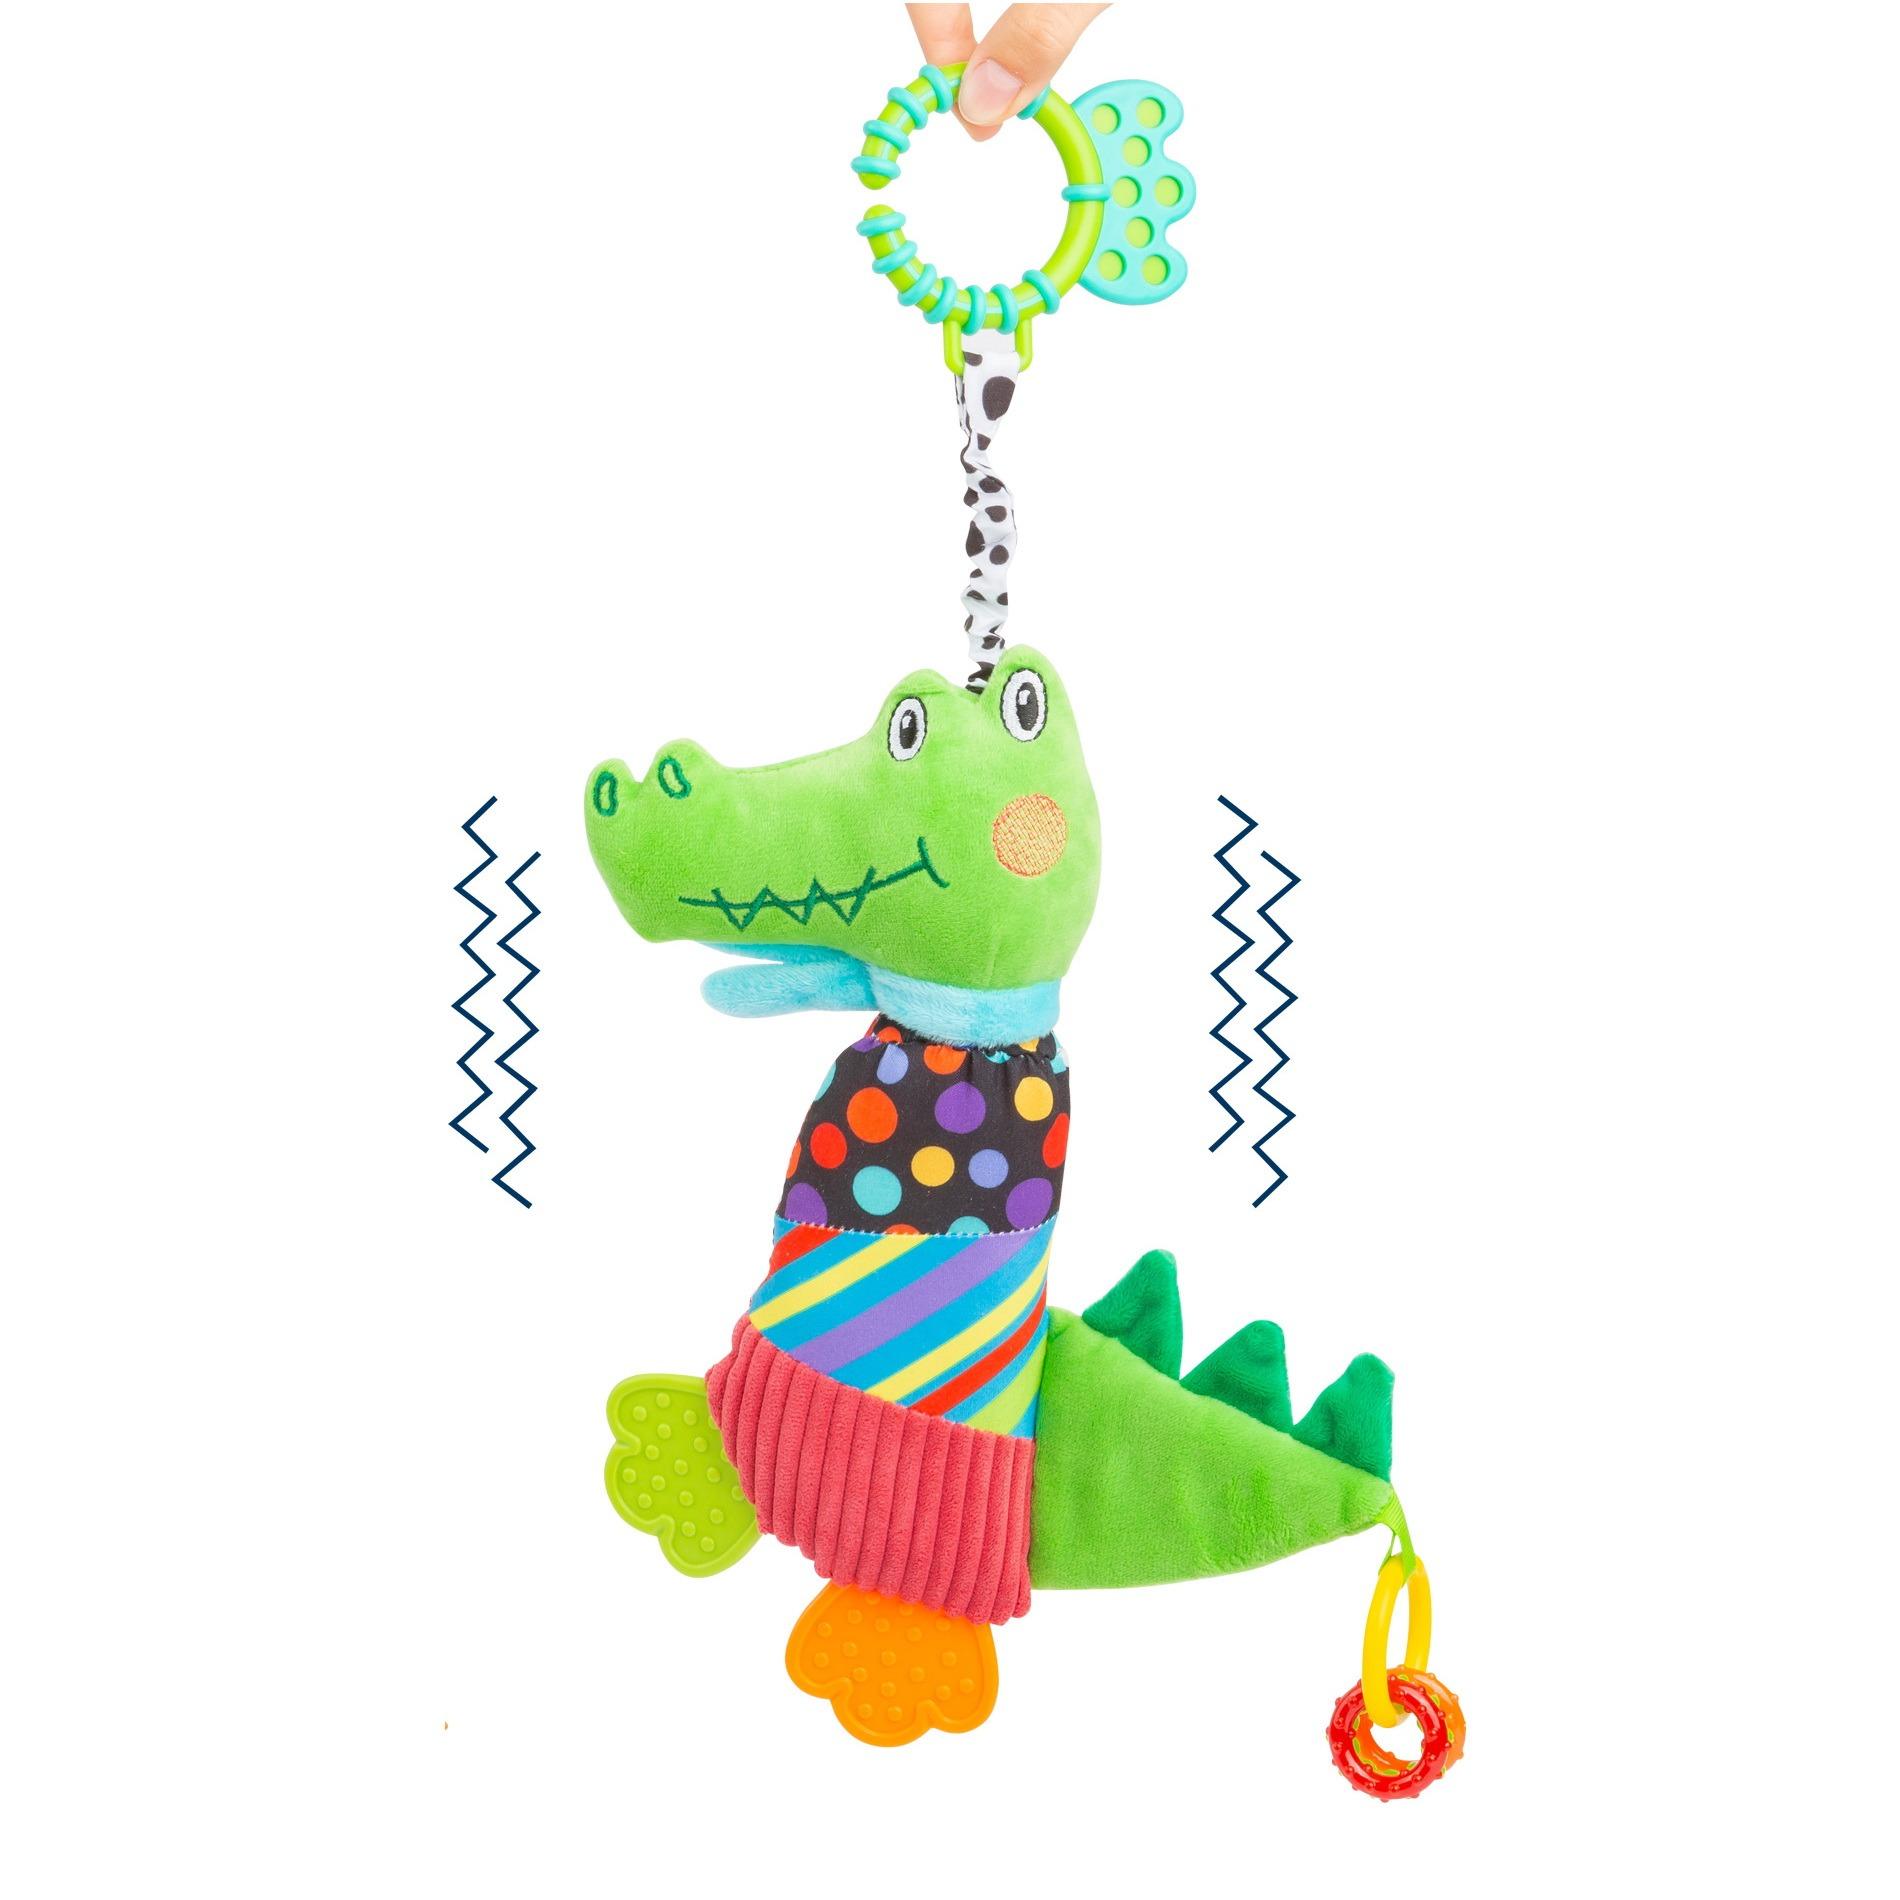 Igrača za voziček/posteljico Krokodil, 33 cm